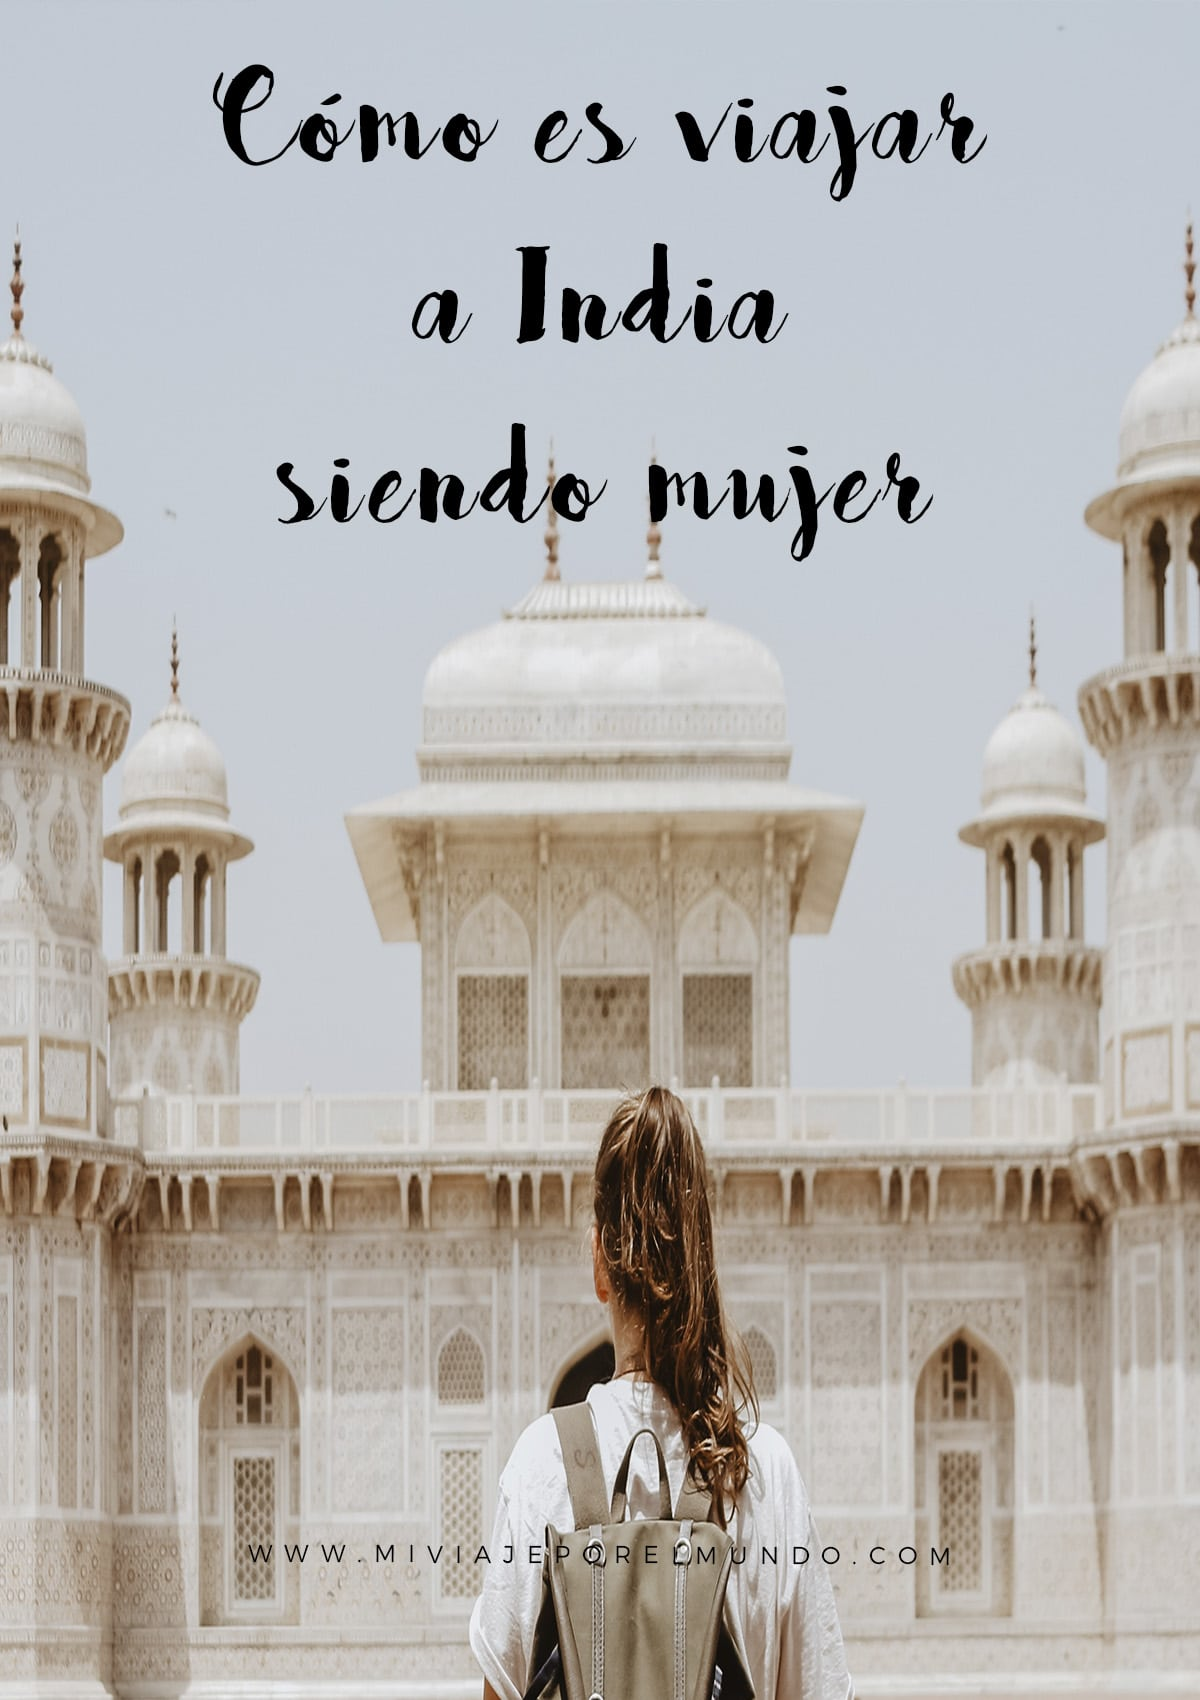 es seguro para una mujer viajar a india